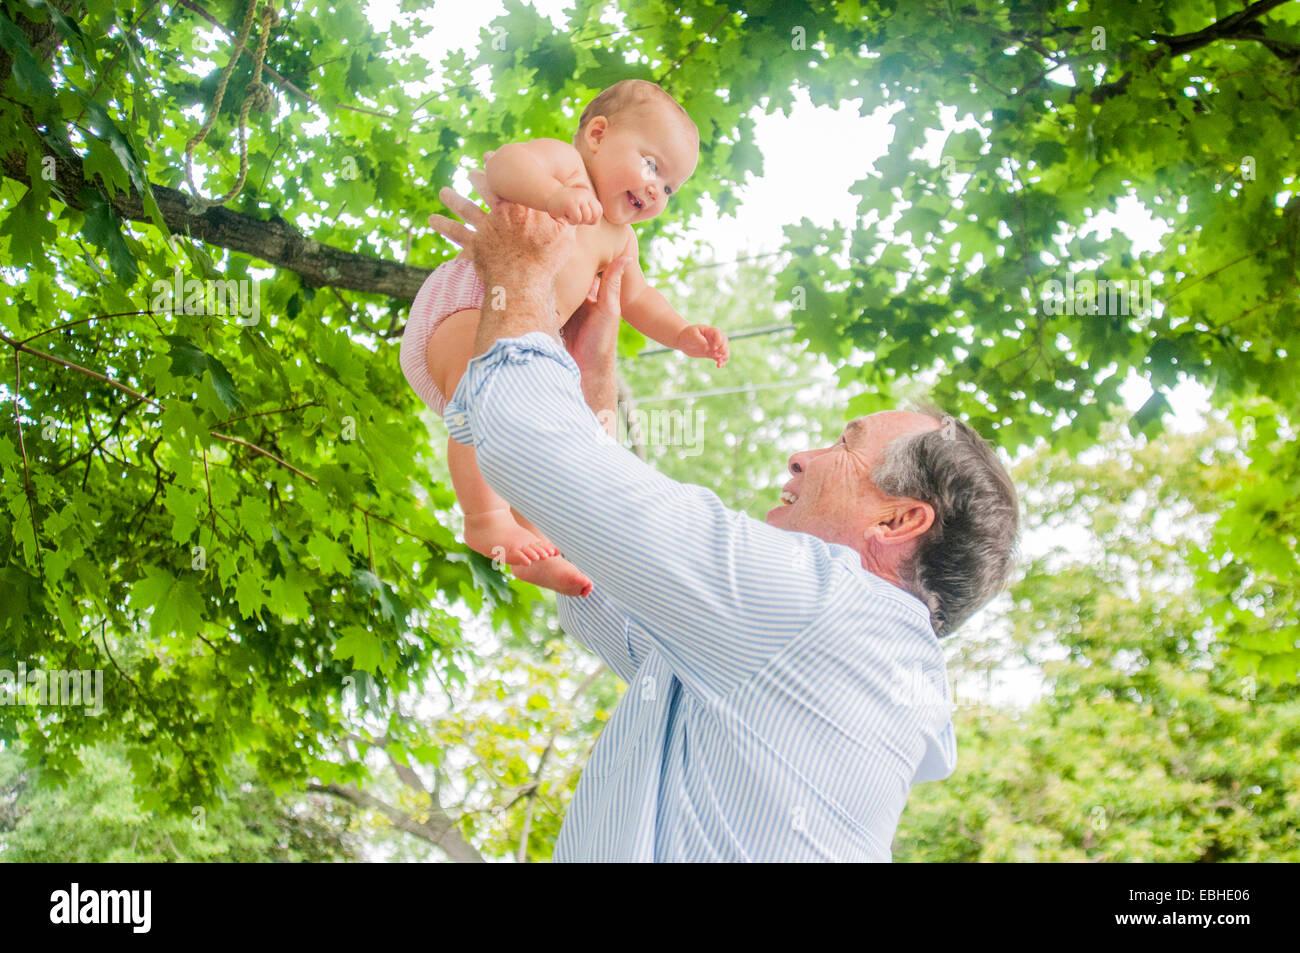 Abuelo levantando bebé nieta en park Imagen De Stock